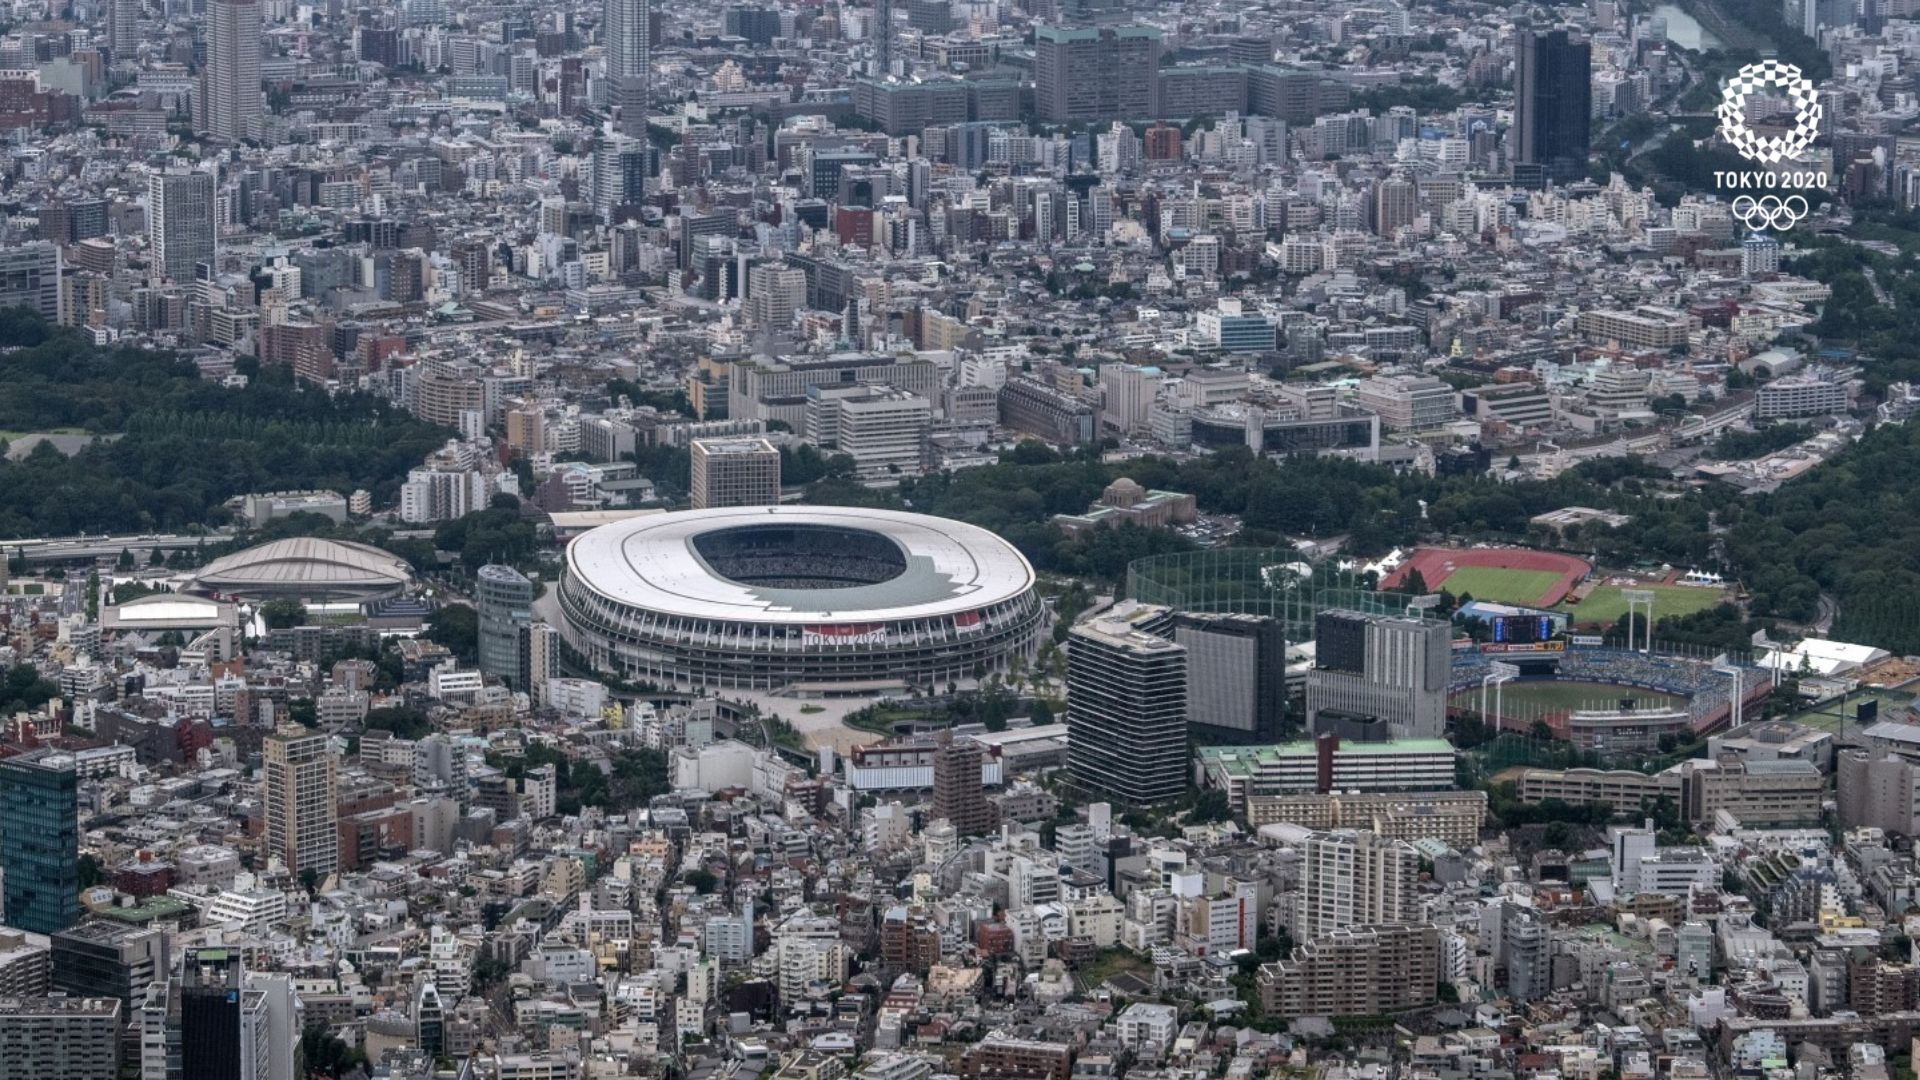 Националният стадион в Токио - построен през 2016-а на мястото на стария такъв, който бе взривен и разрушен. Той е сърцето на града, част от градската среда и силует. Капацитетът е 68 000 зрители, но няма да има повече от 10 хиляди по време на игрите.